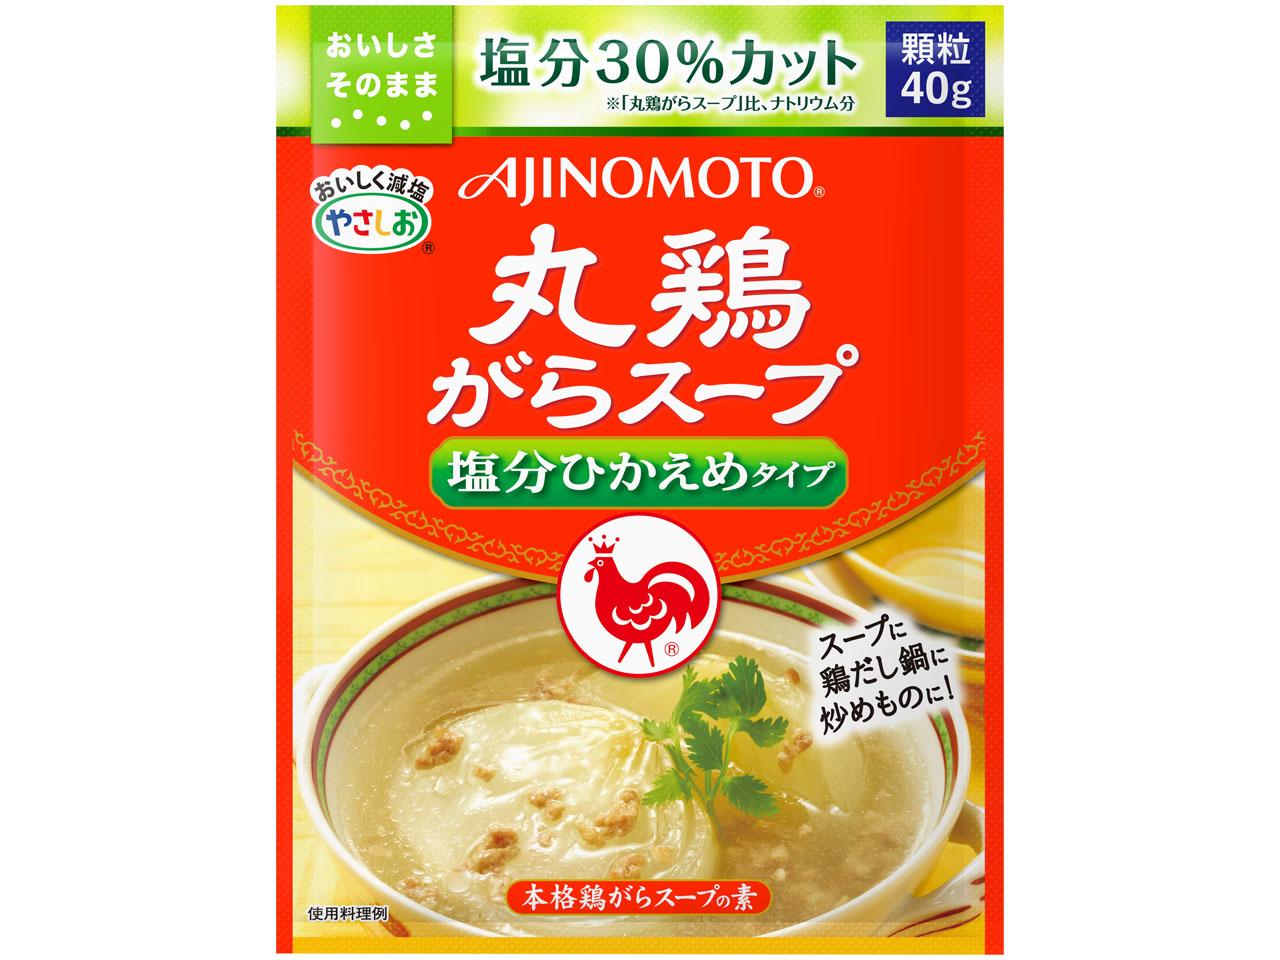 「丸鶏がらスープ」塩分ひかえめ